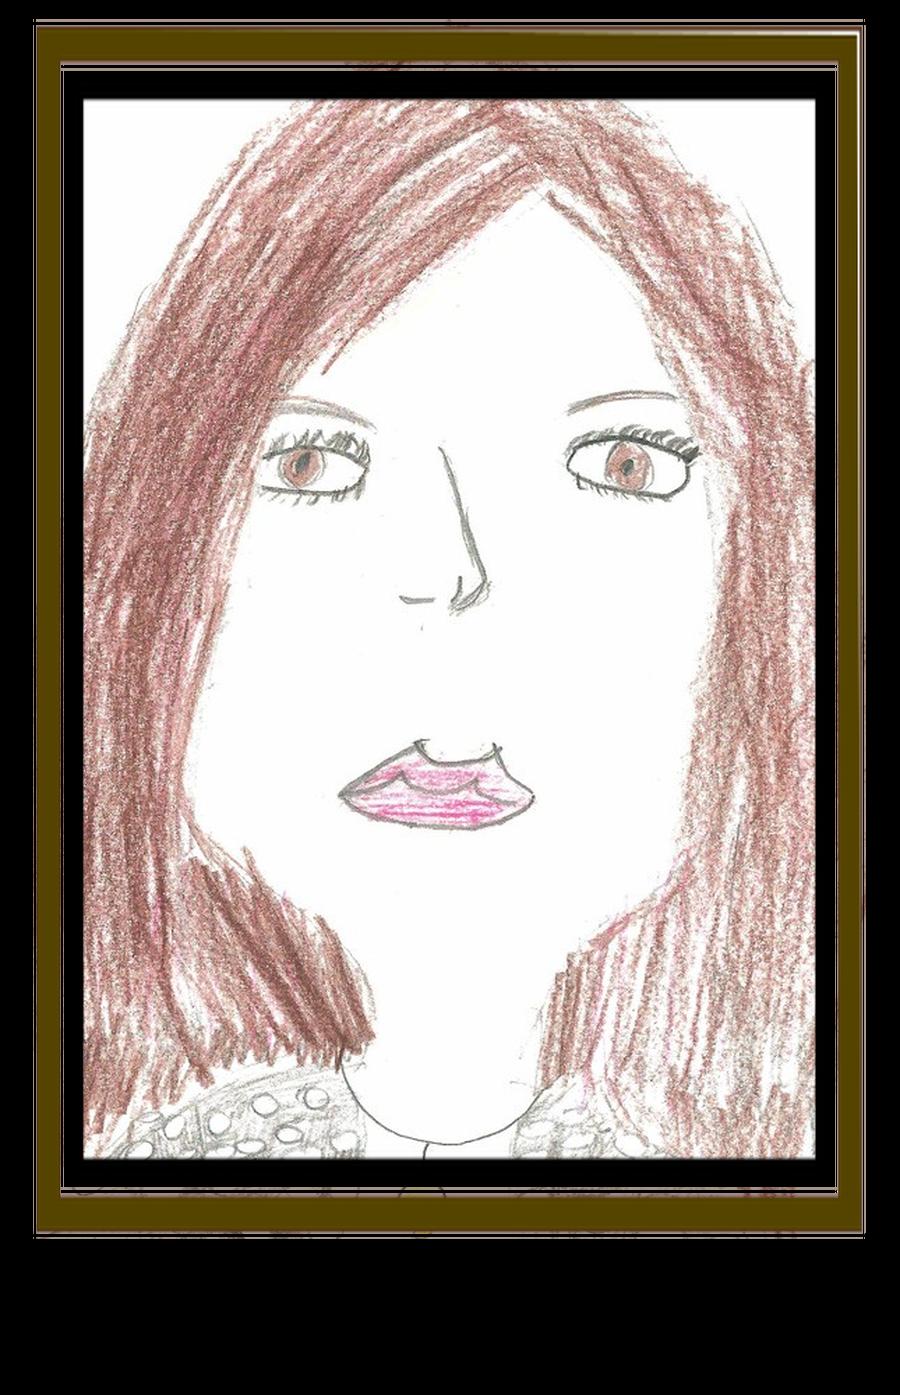 Miss Coldbeck - Deputy Headteacher